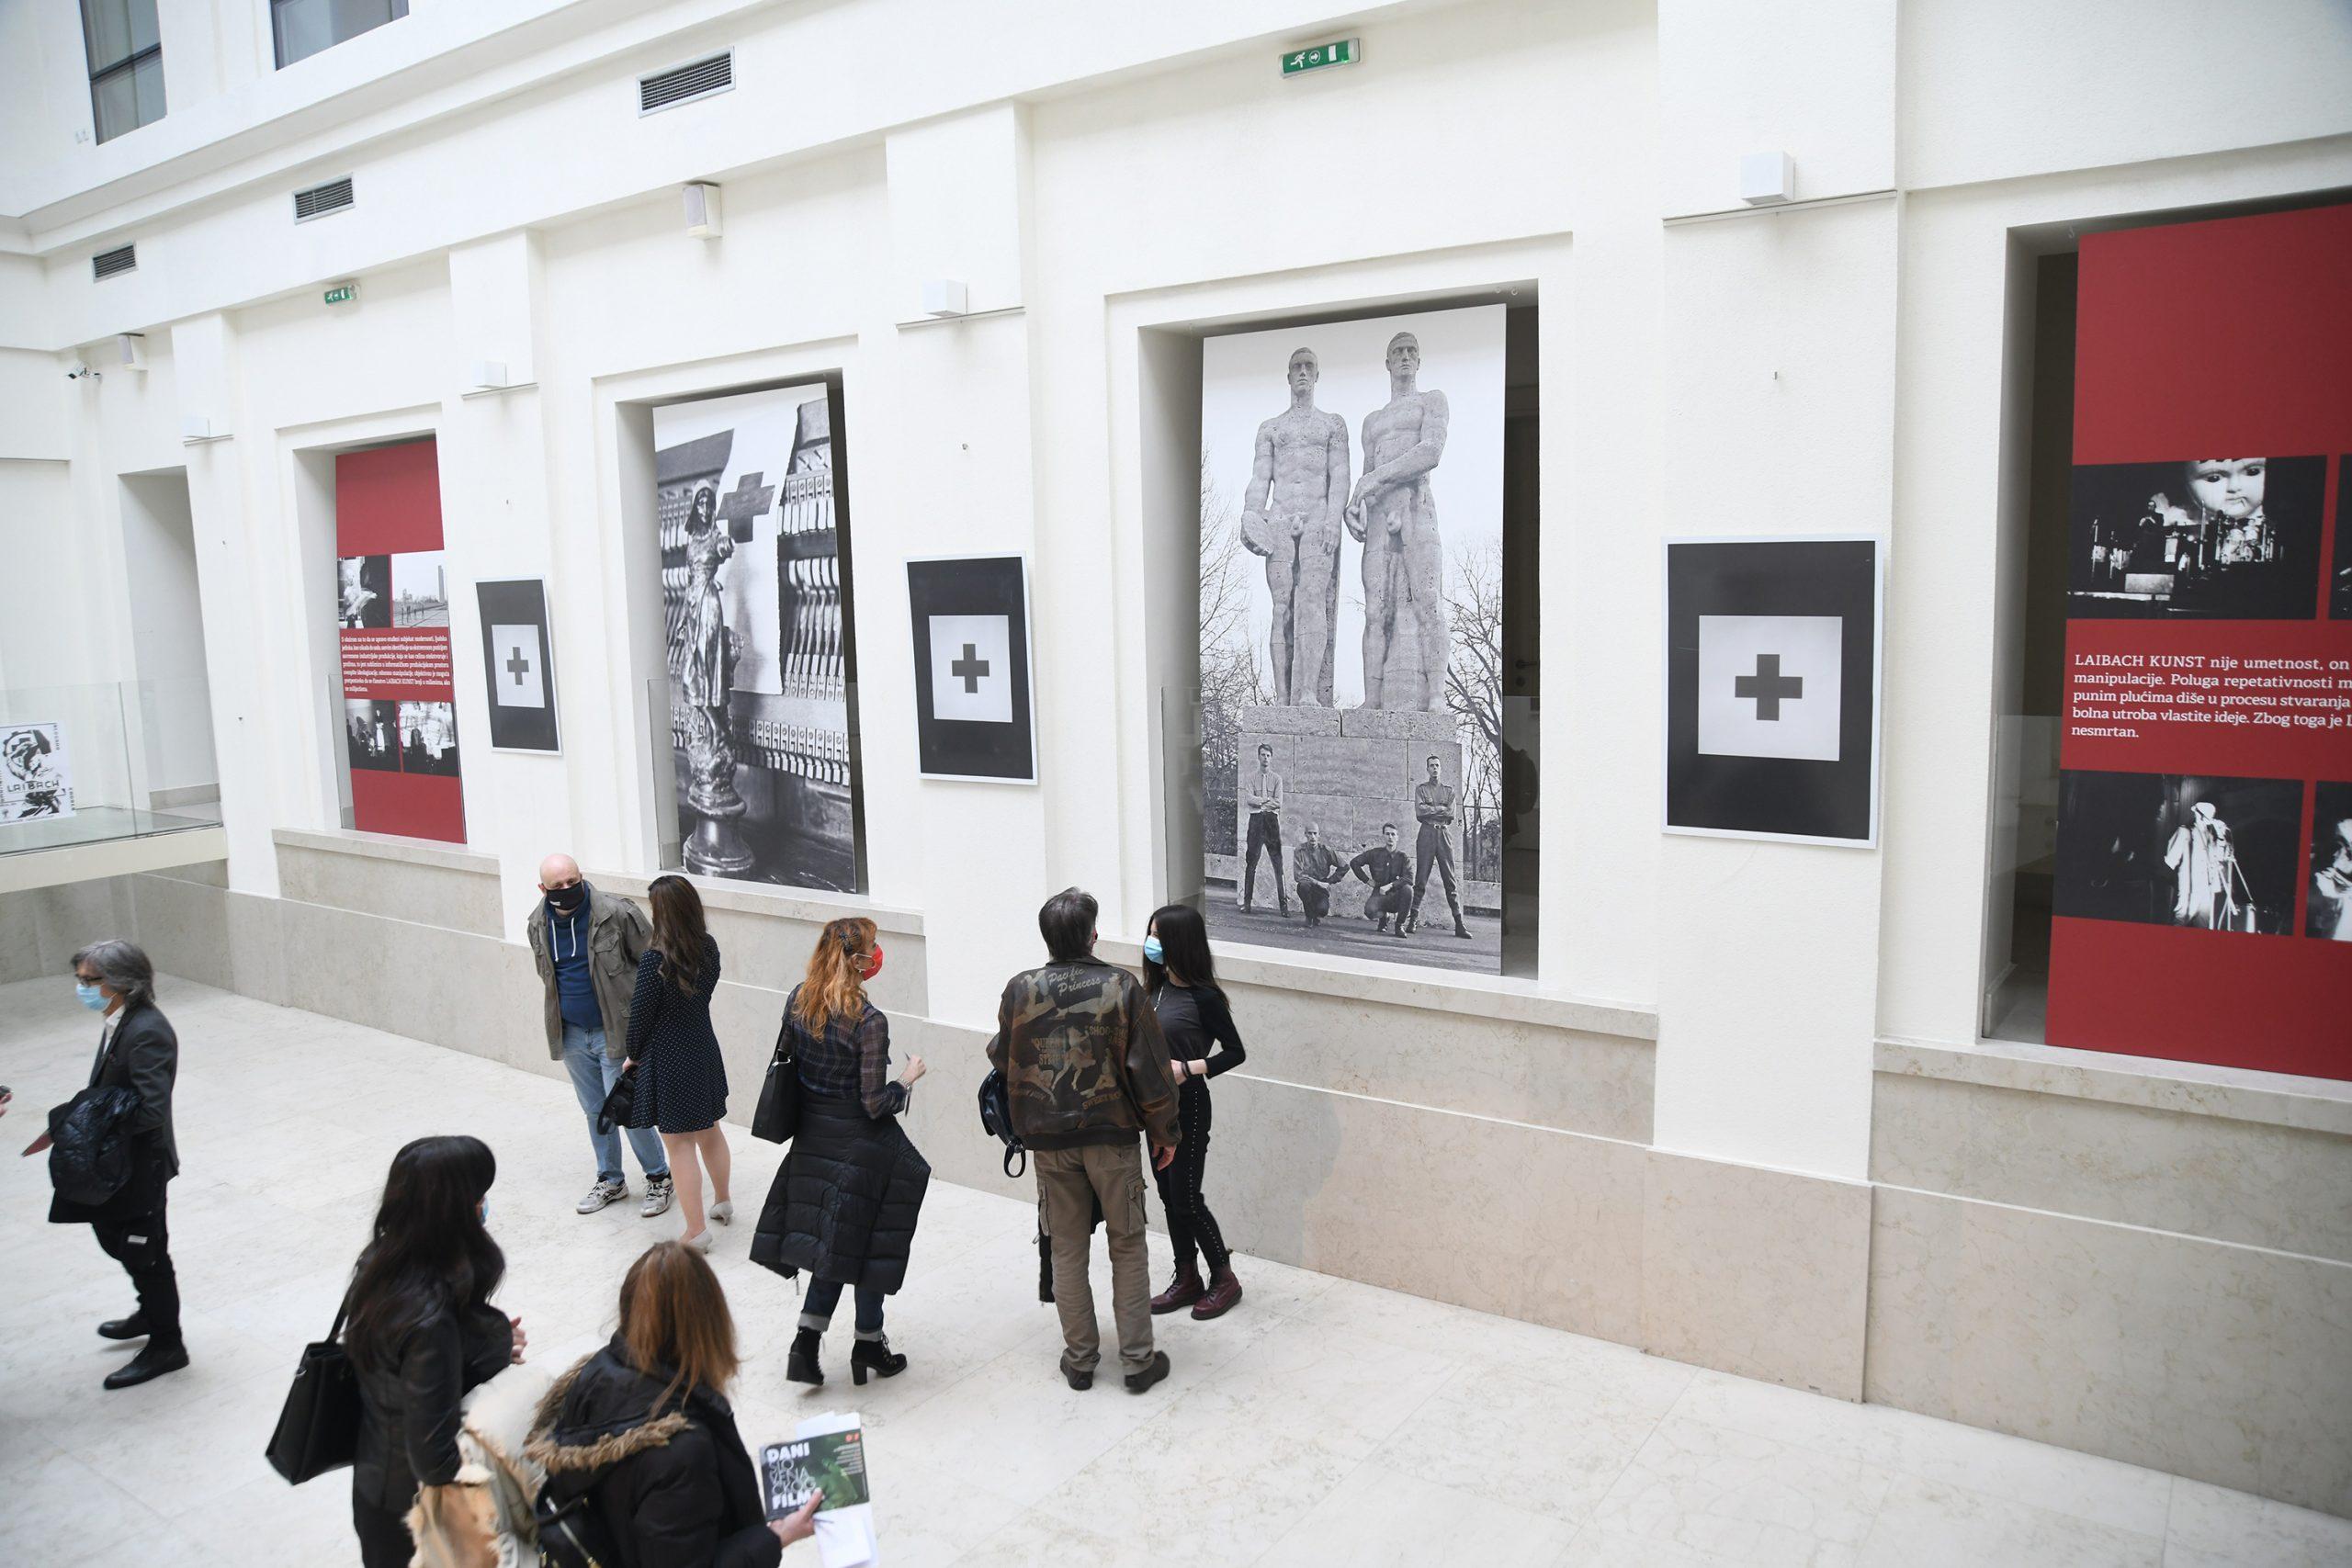 Izlozba fotografija iz knjige Laibach, 40 godina večnosti Teodora Lorencica